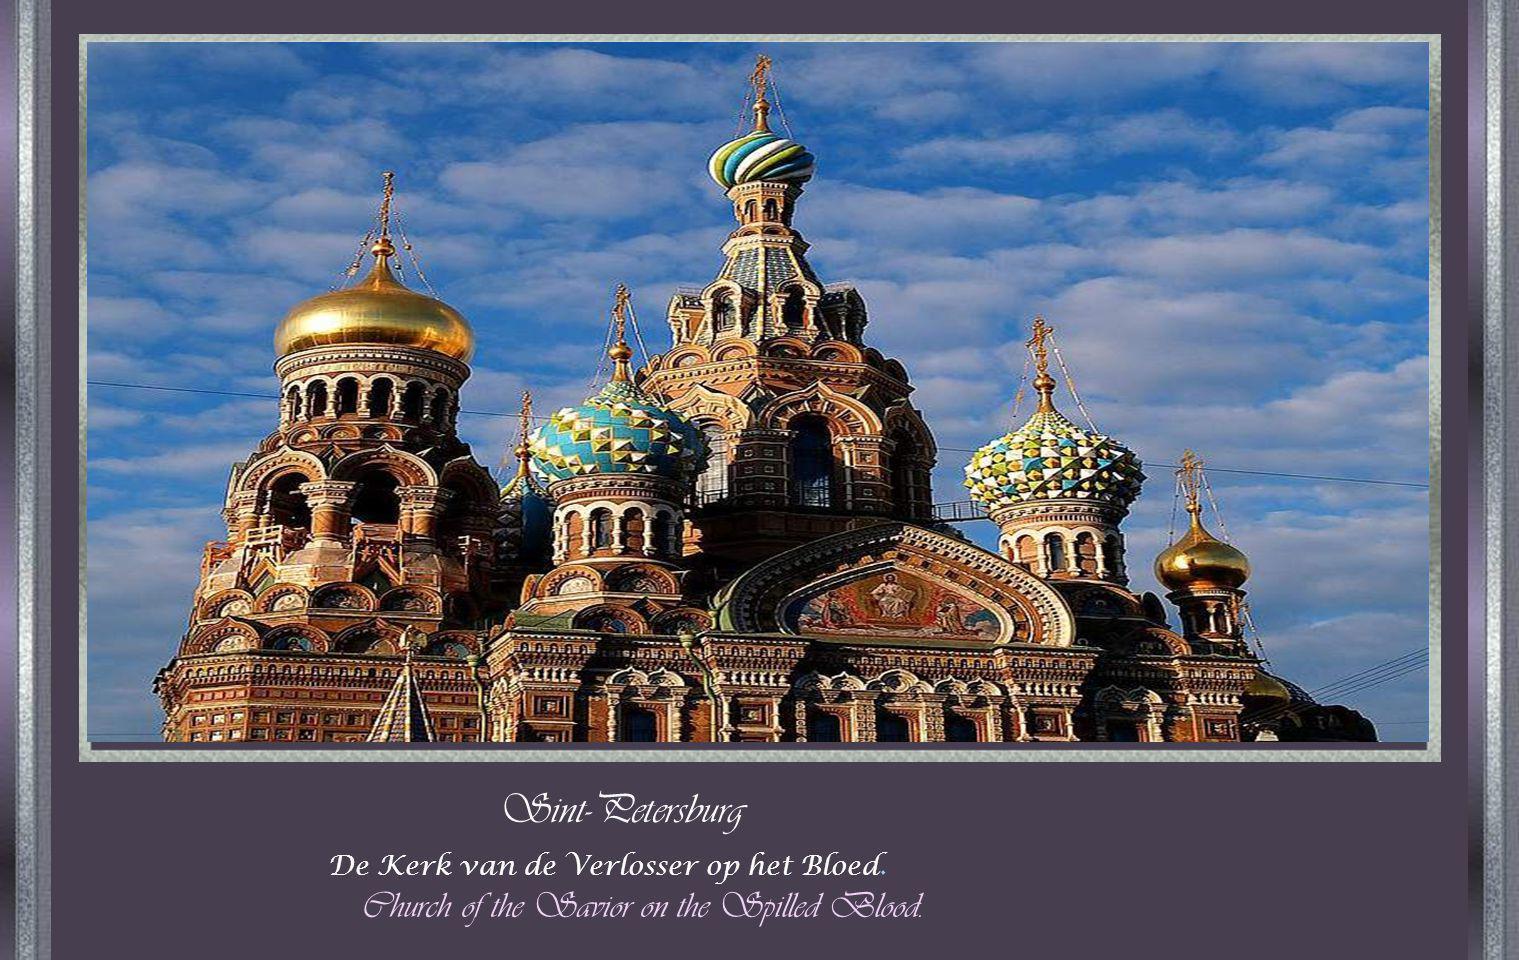 De Kerk van de Verlosser op het Bloed. Church of the Savior on the Spilled Blood. Sint-Petersburg